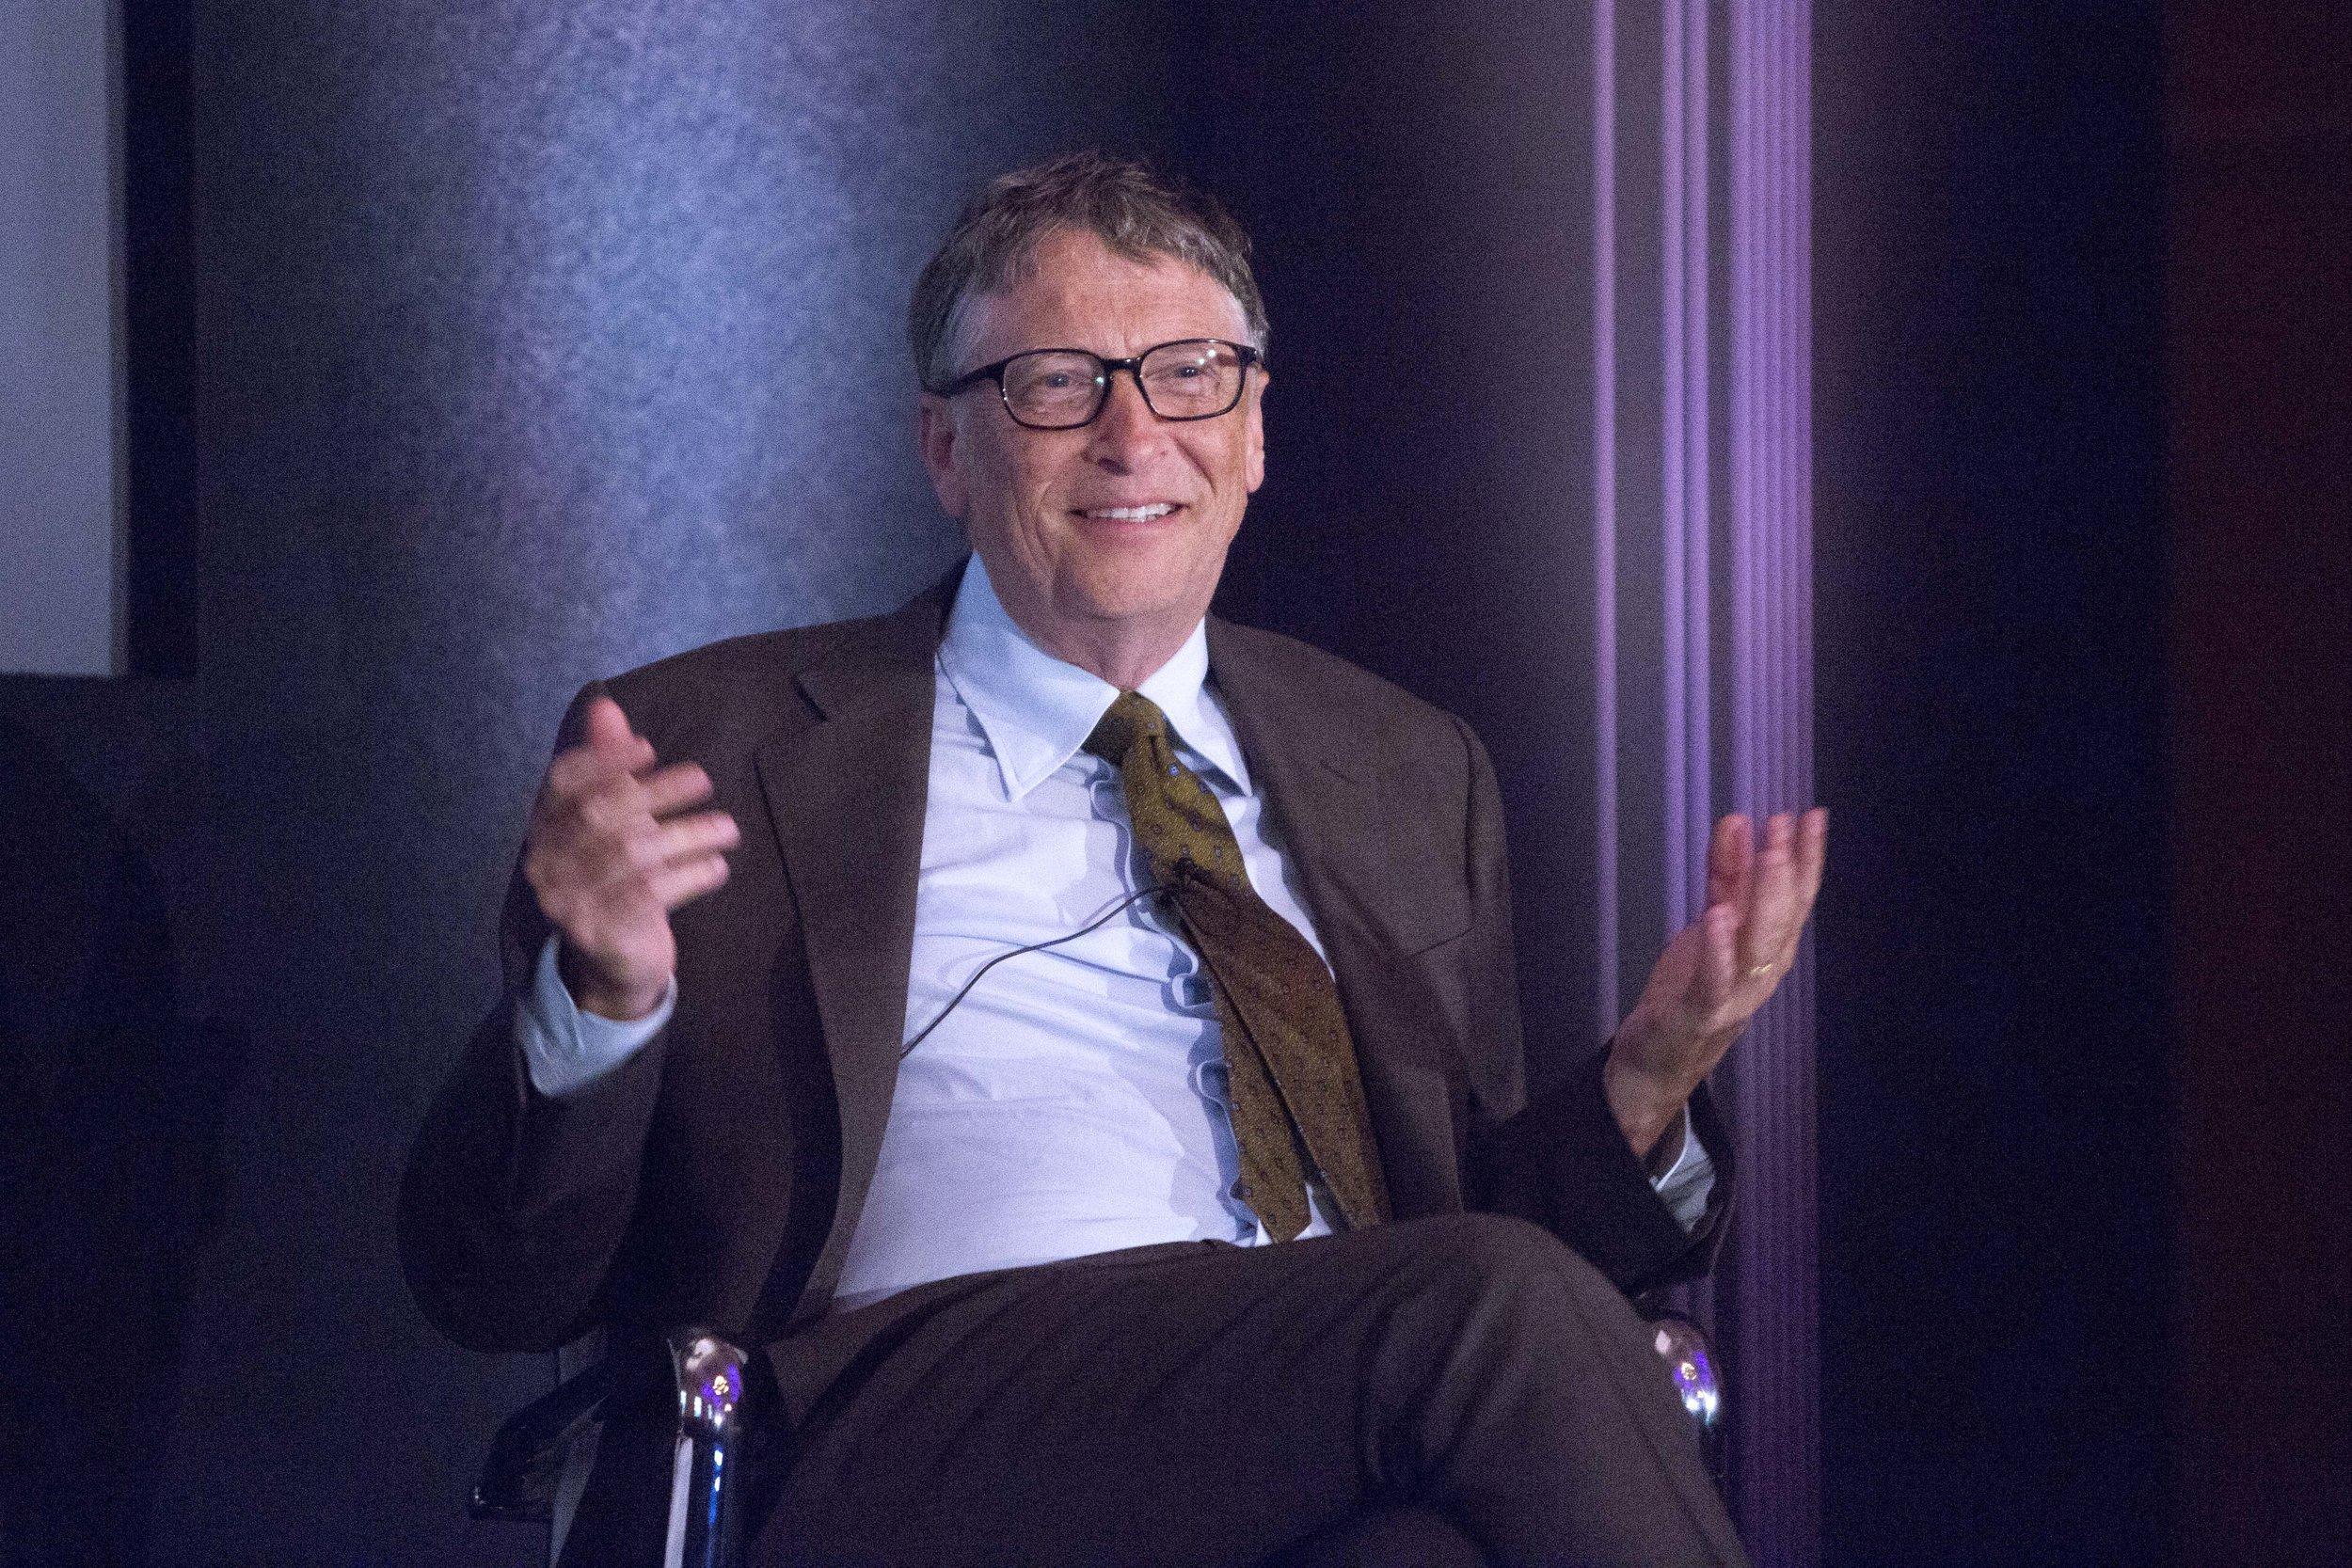 Bill Gates, Co-chair, Bill & Melinda Gates Foundation